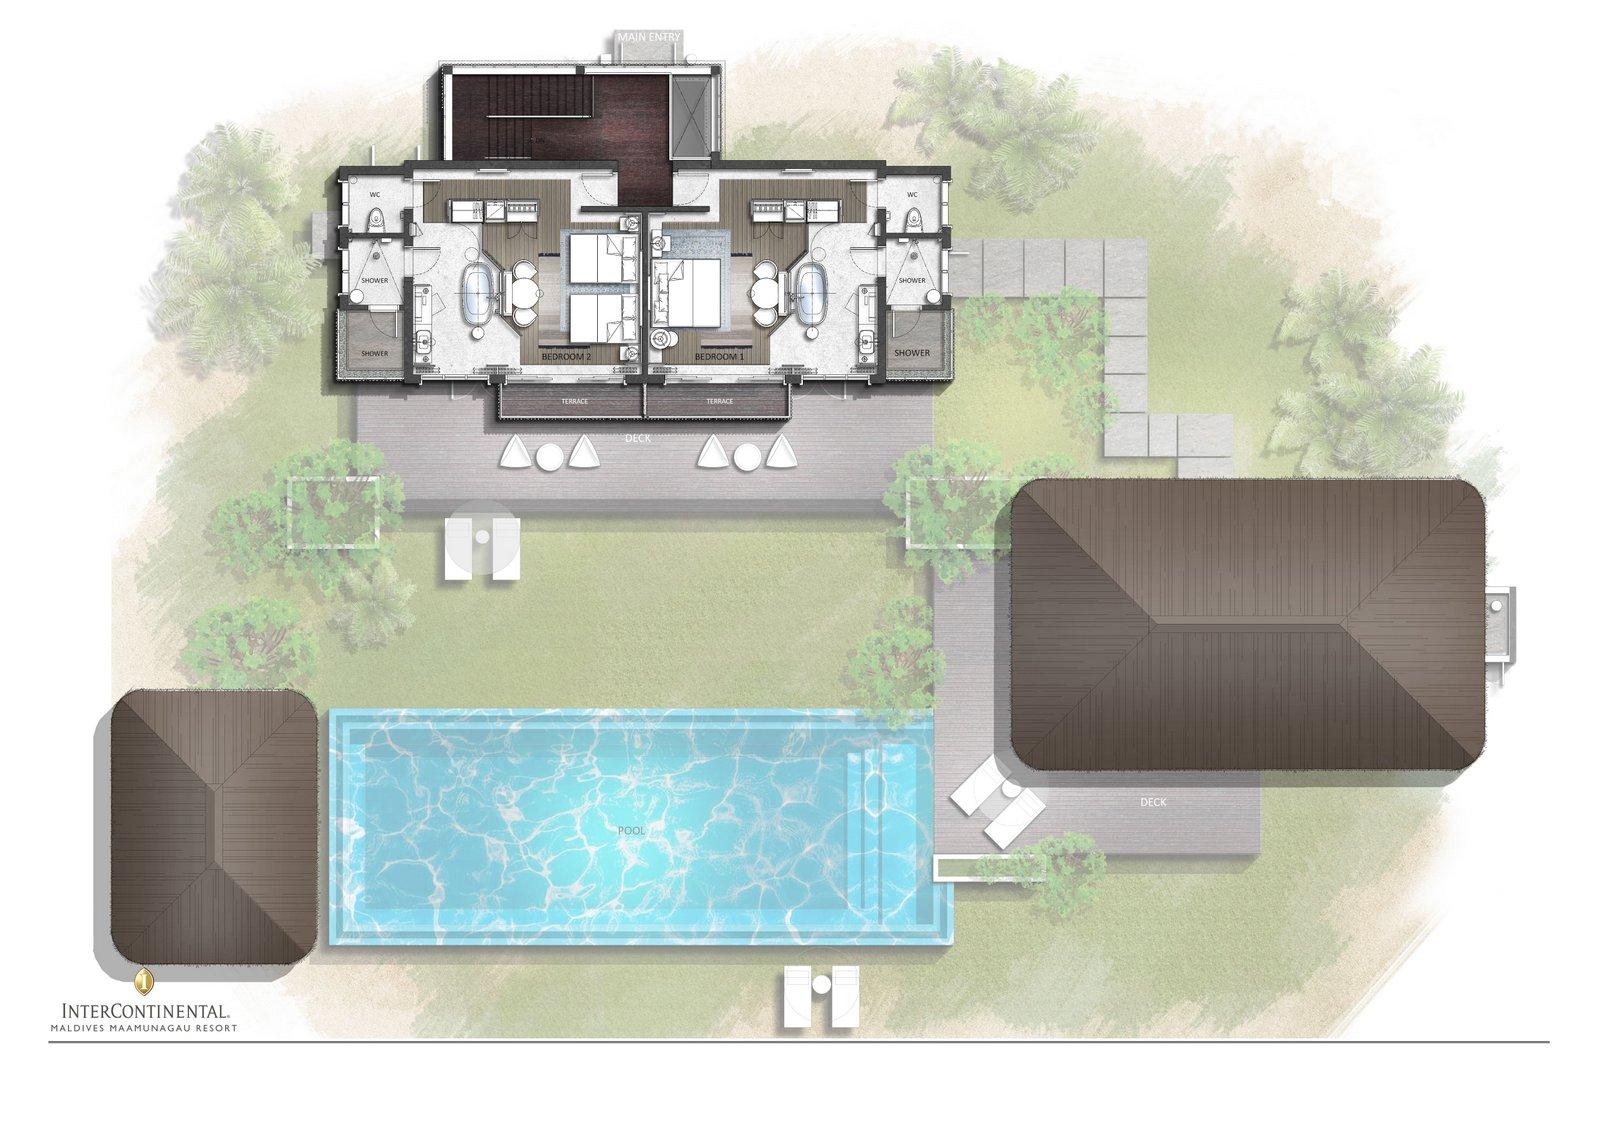 Мальдивы, отель Intercontinental Maldives Maamunagau, план-схема номера Three Bedroom Lagoon Residence